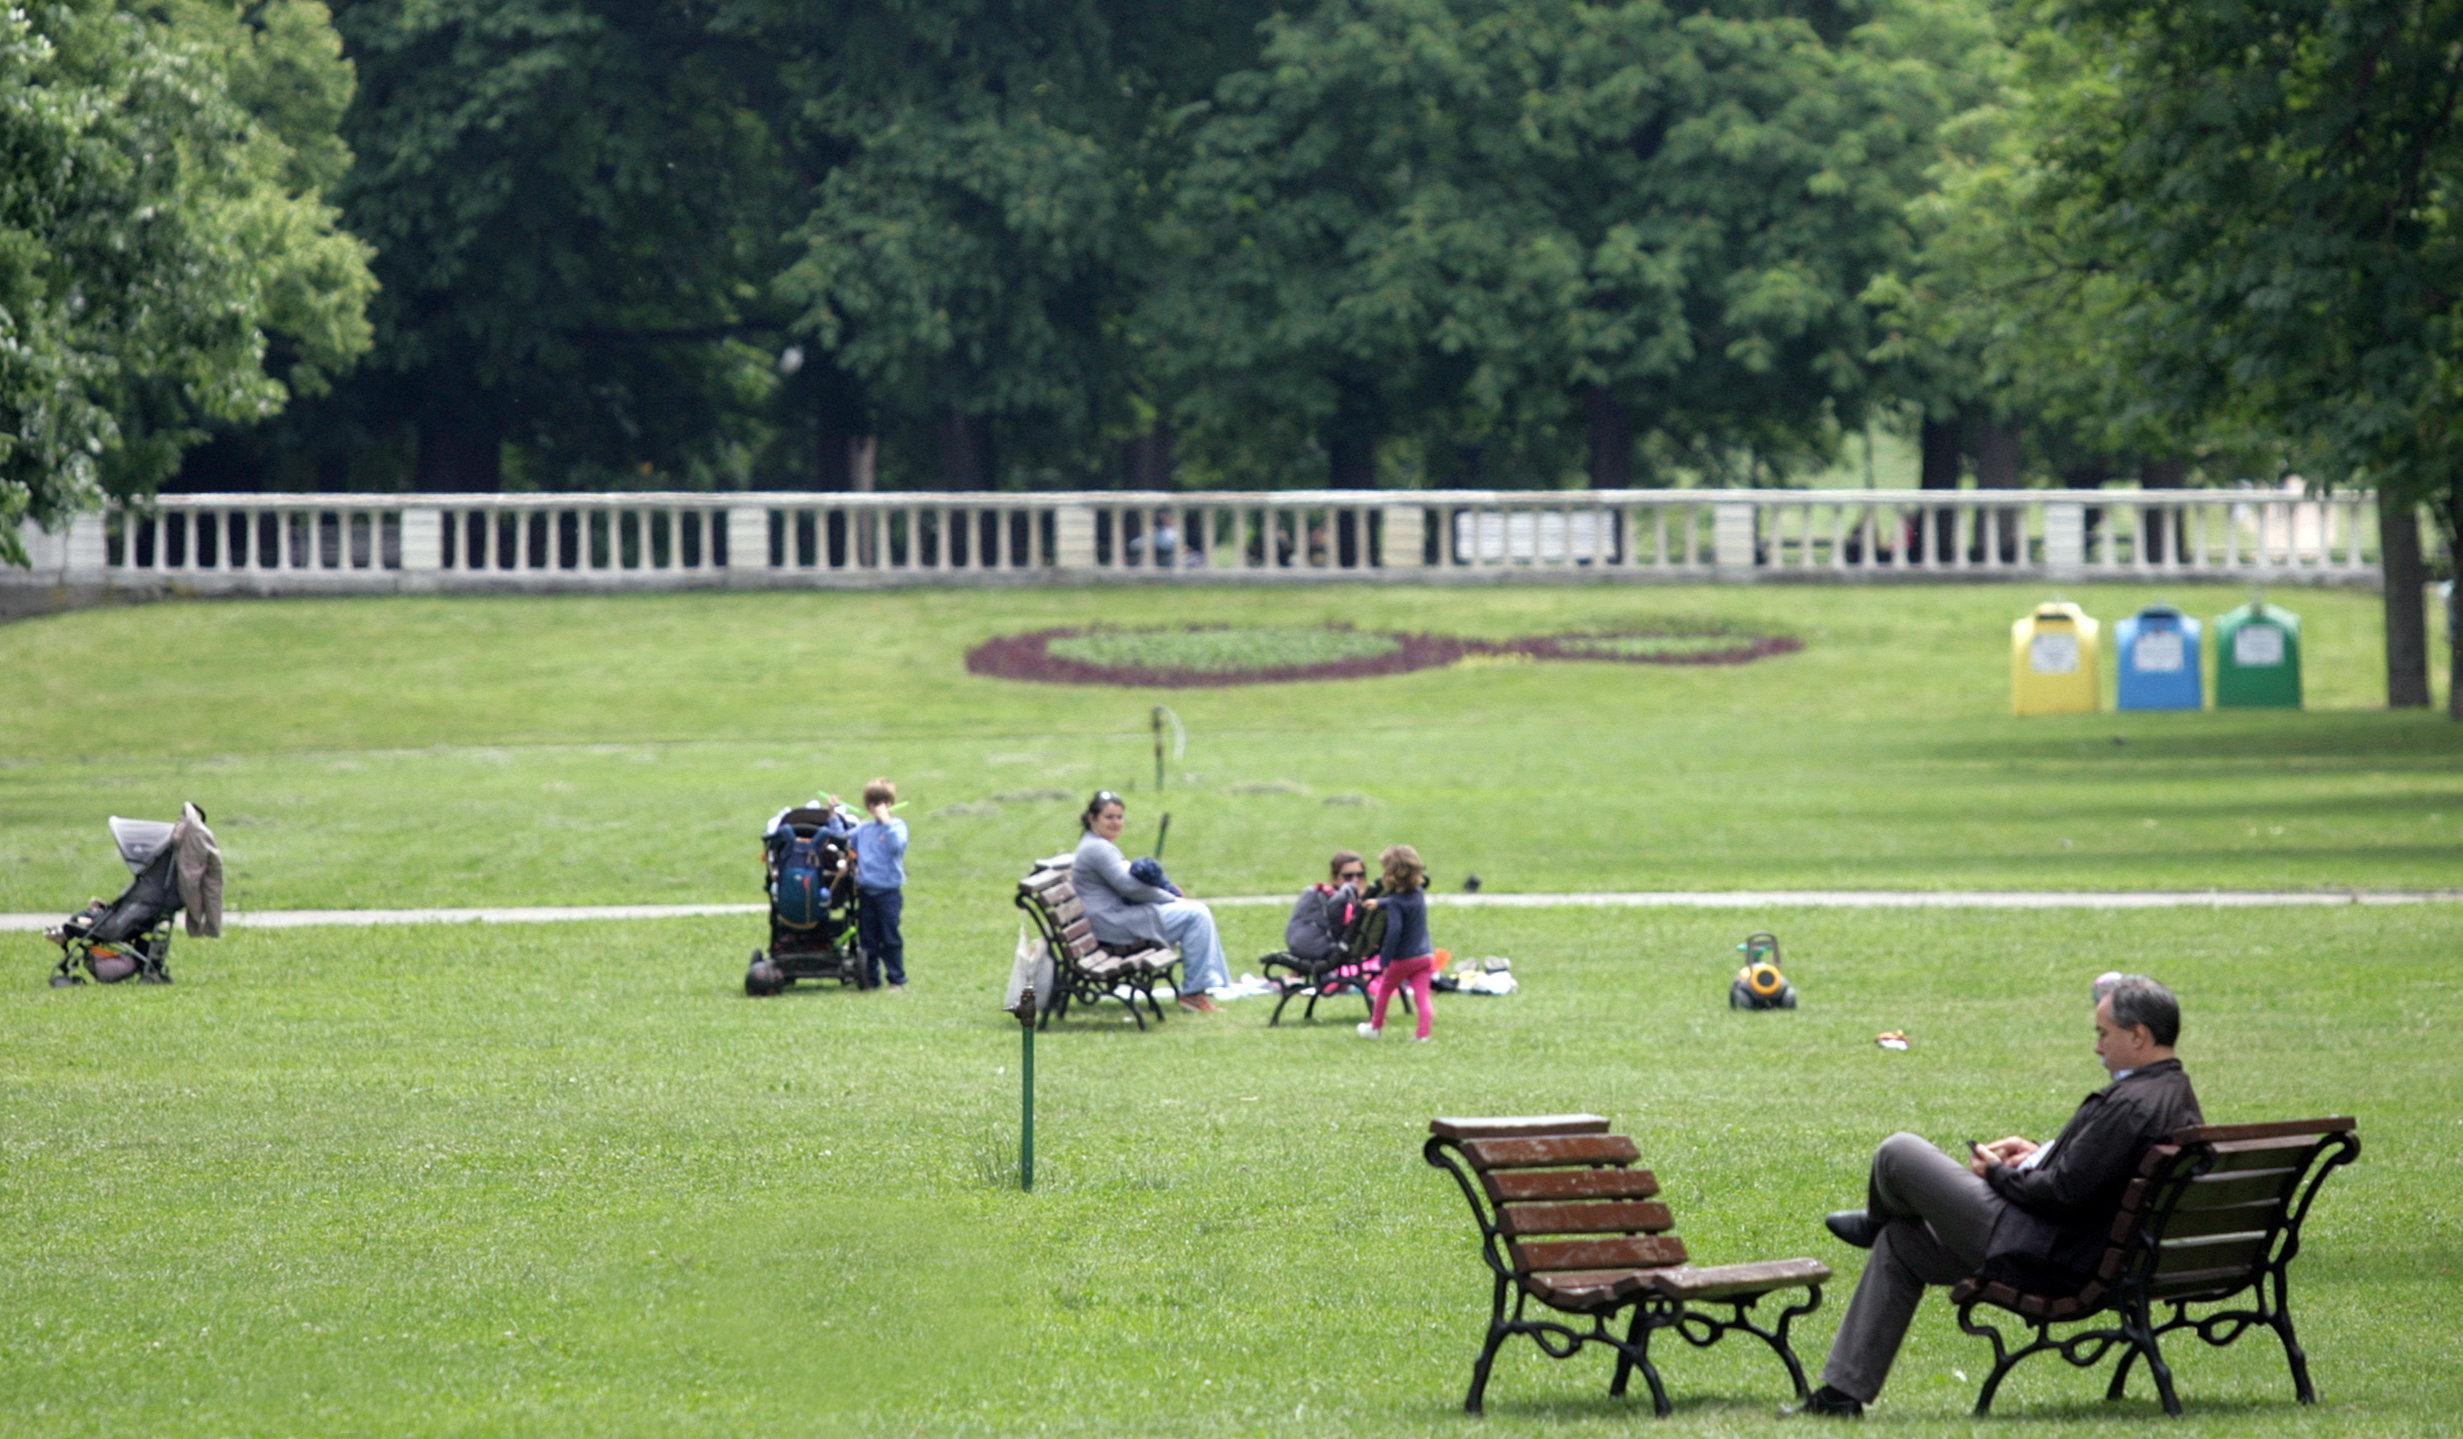 Борисовата градина е сред най-предпочитаните места за почивка и среща с приятели след работа, както за софиянци, така и за гостите на града.